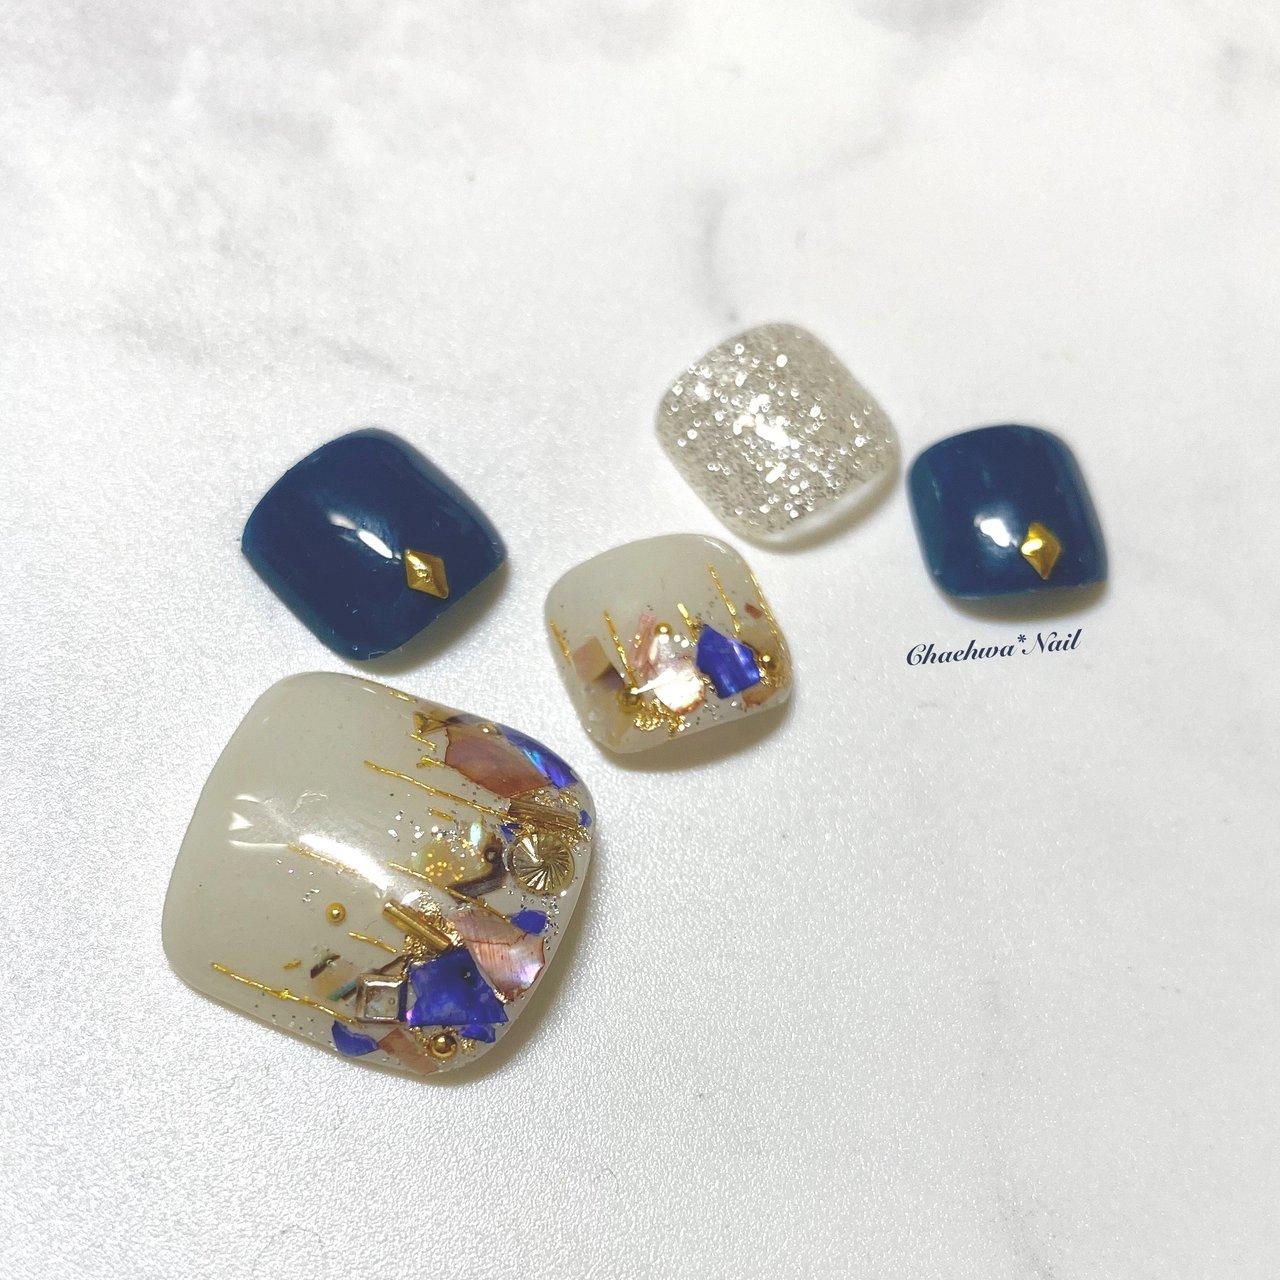 コロナ対策強化しつつ営業再開してます♪  フットにゅーサンプル♡ ネイビー×シェル♡ . サンプル作ると好きな色ばっかり使っちゃうから、色んな色使うように意識してるけど、同じ色使っちゃうw特にラメ。 . ラメはシルバーだけど パーツと箔は敢えてのゴールド。 ゴールドとシルバー両方使うのが好き♡ . #nails #naildesign #nailart #color #instagood #footnail #summer #art #shell #chaehwanail #ネイル#ネイルデザイン #フットネイル #ネイビー #グレージュ #シェル #クラッシュシェル #大人可愛い #カラー #ジェルネイル #川崎ネイルサロン #川崎 #ペディキュア #네일#네일아트#네일스타그램 #젤네일 #여름 #발스타그램 #美甲 . . . ご予約は↓からお願いします! *ネイルブックネット予約(プロフィールのURLから予約可能!) . お問い合わせは↓からお願いします! *LINE@ : @chaehwa_nail(@から検索) *Instagram DM : @chaehwa_nail . ご連絡お待ちしております(*´꒳`*)♪ Chaehwa*Nail #夏 #海 #リゾート #女子会 #フット #ラメ #ワンカラー #シェル #ミディアム #ネイビー #グレージュ #シルバー #ジェル #ネイルチップ #chaehwa_8127 #ネイルブック